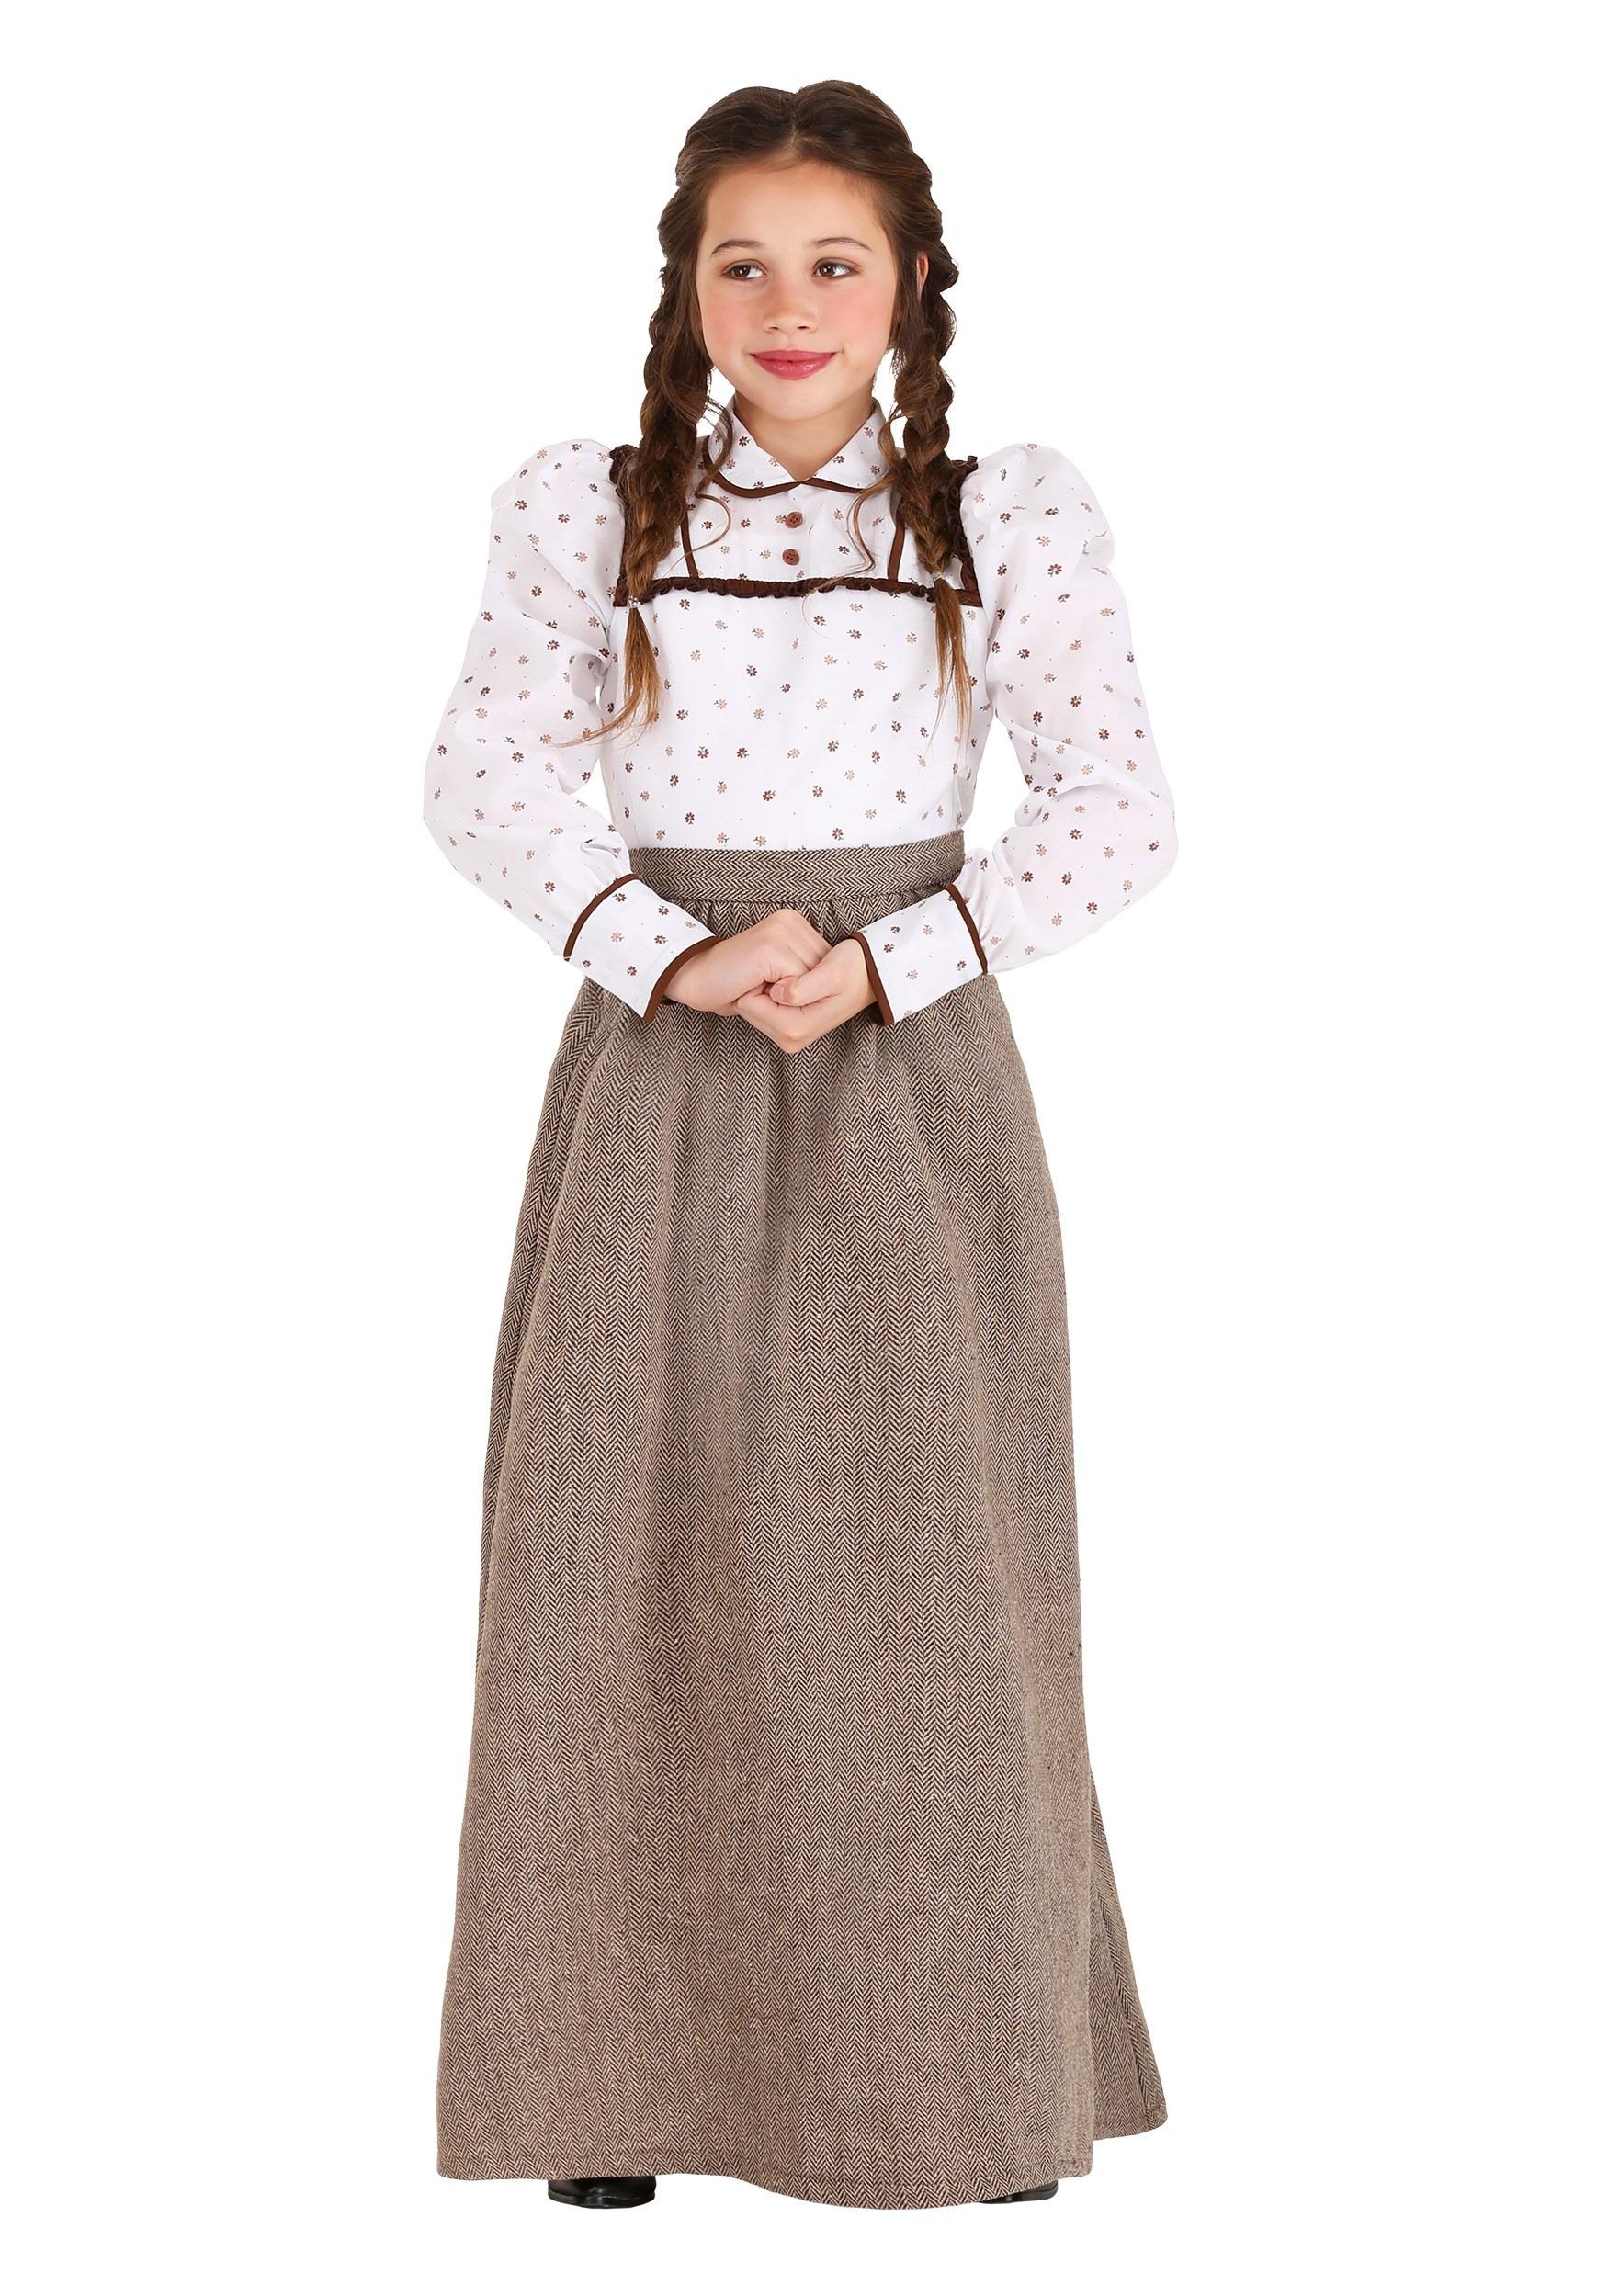 Westward Pioneer Kid's Costume